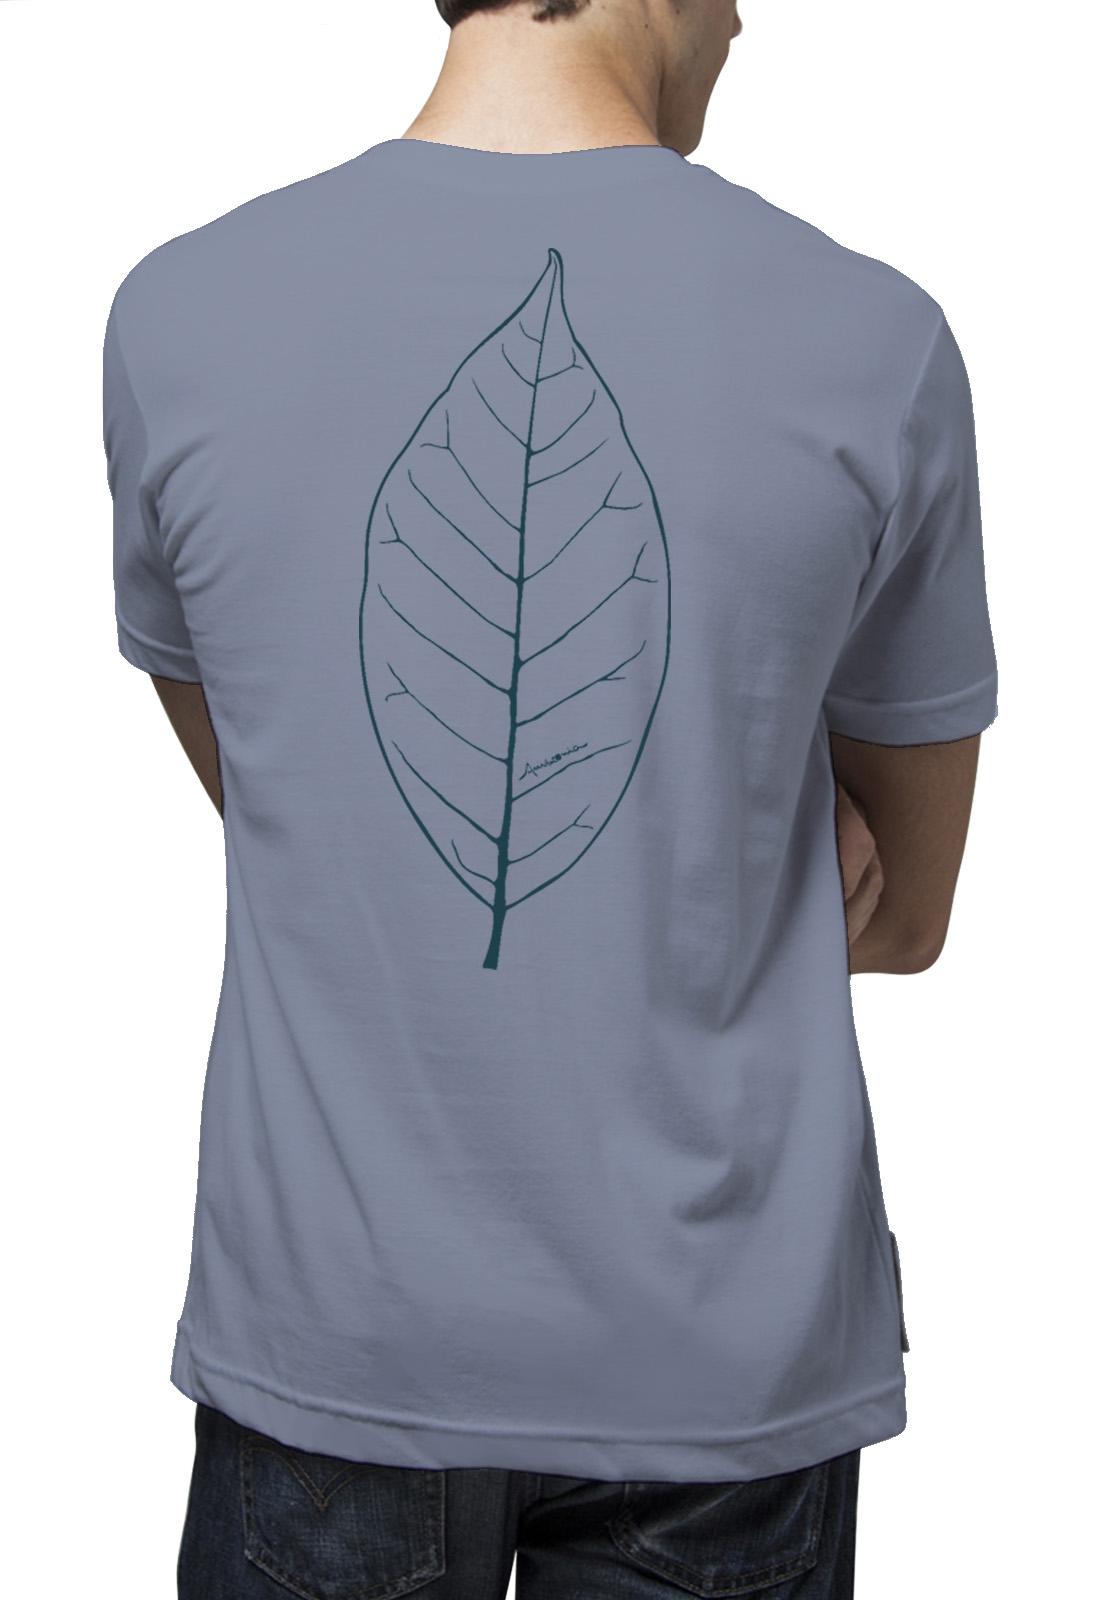 Camiseta Amazônia Folha Traços - Lilás